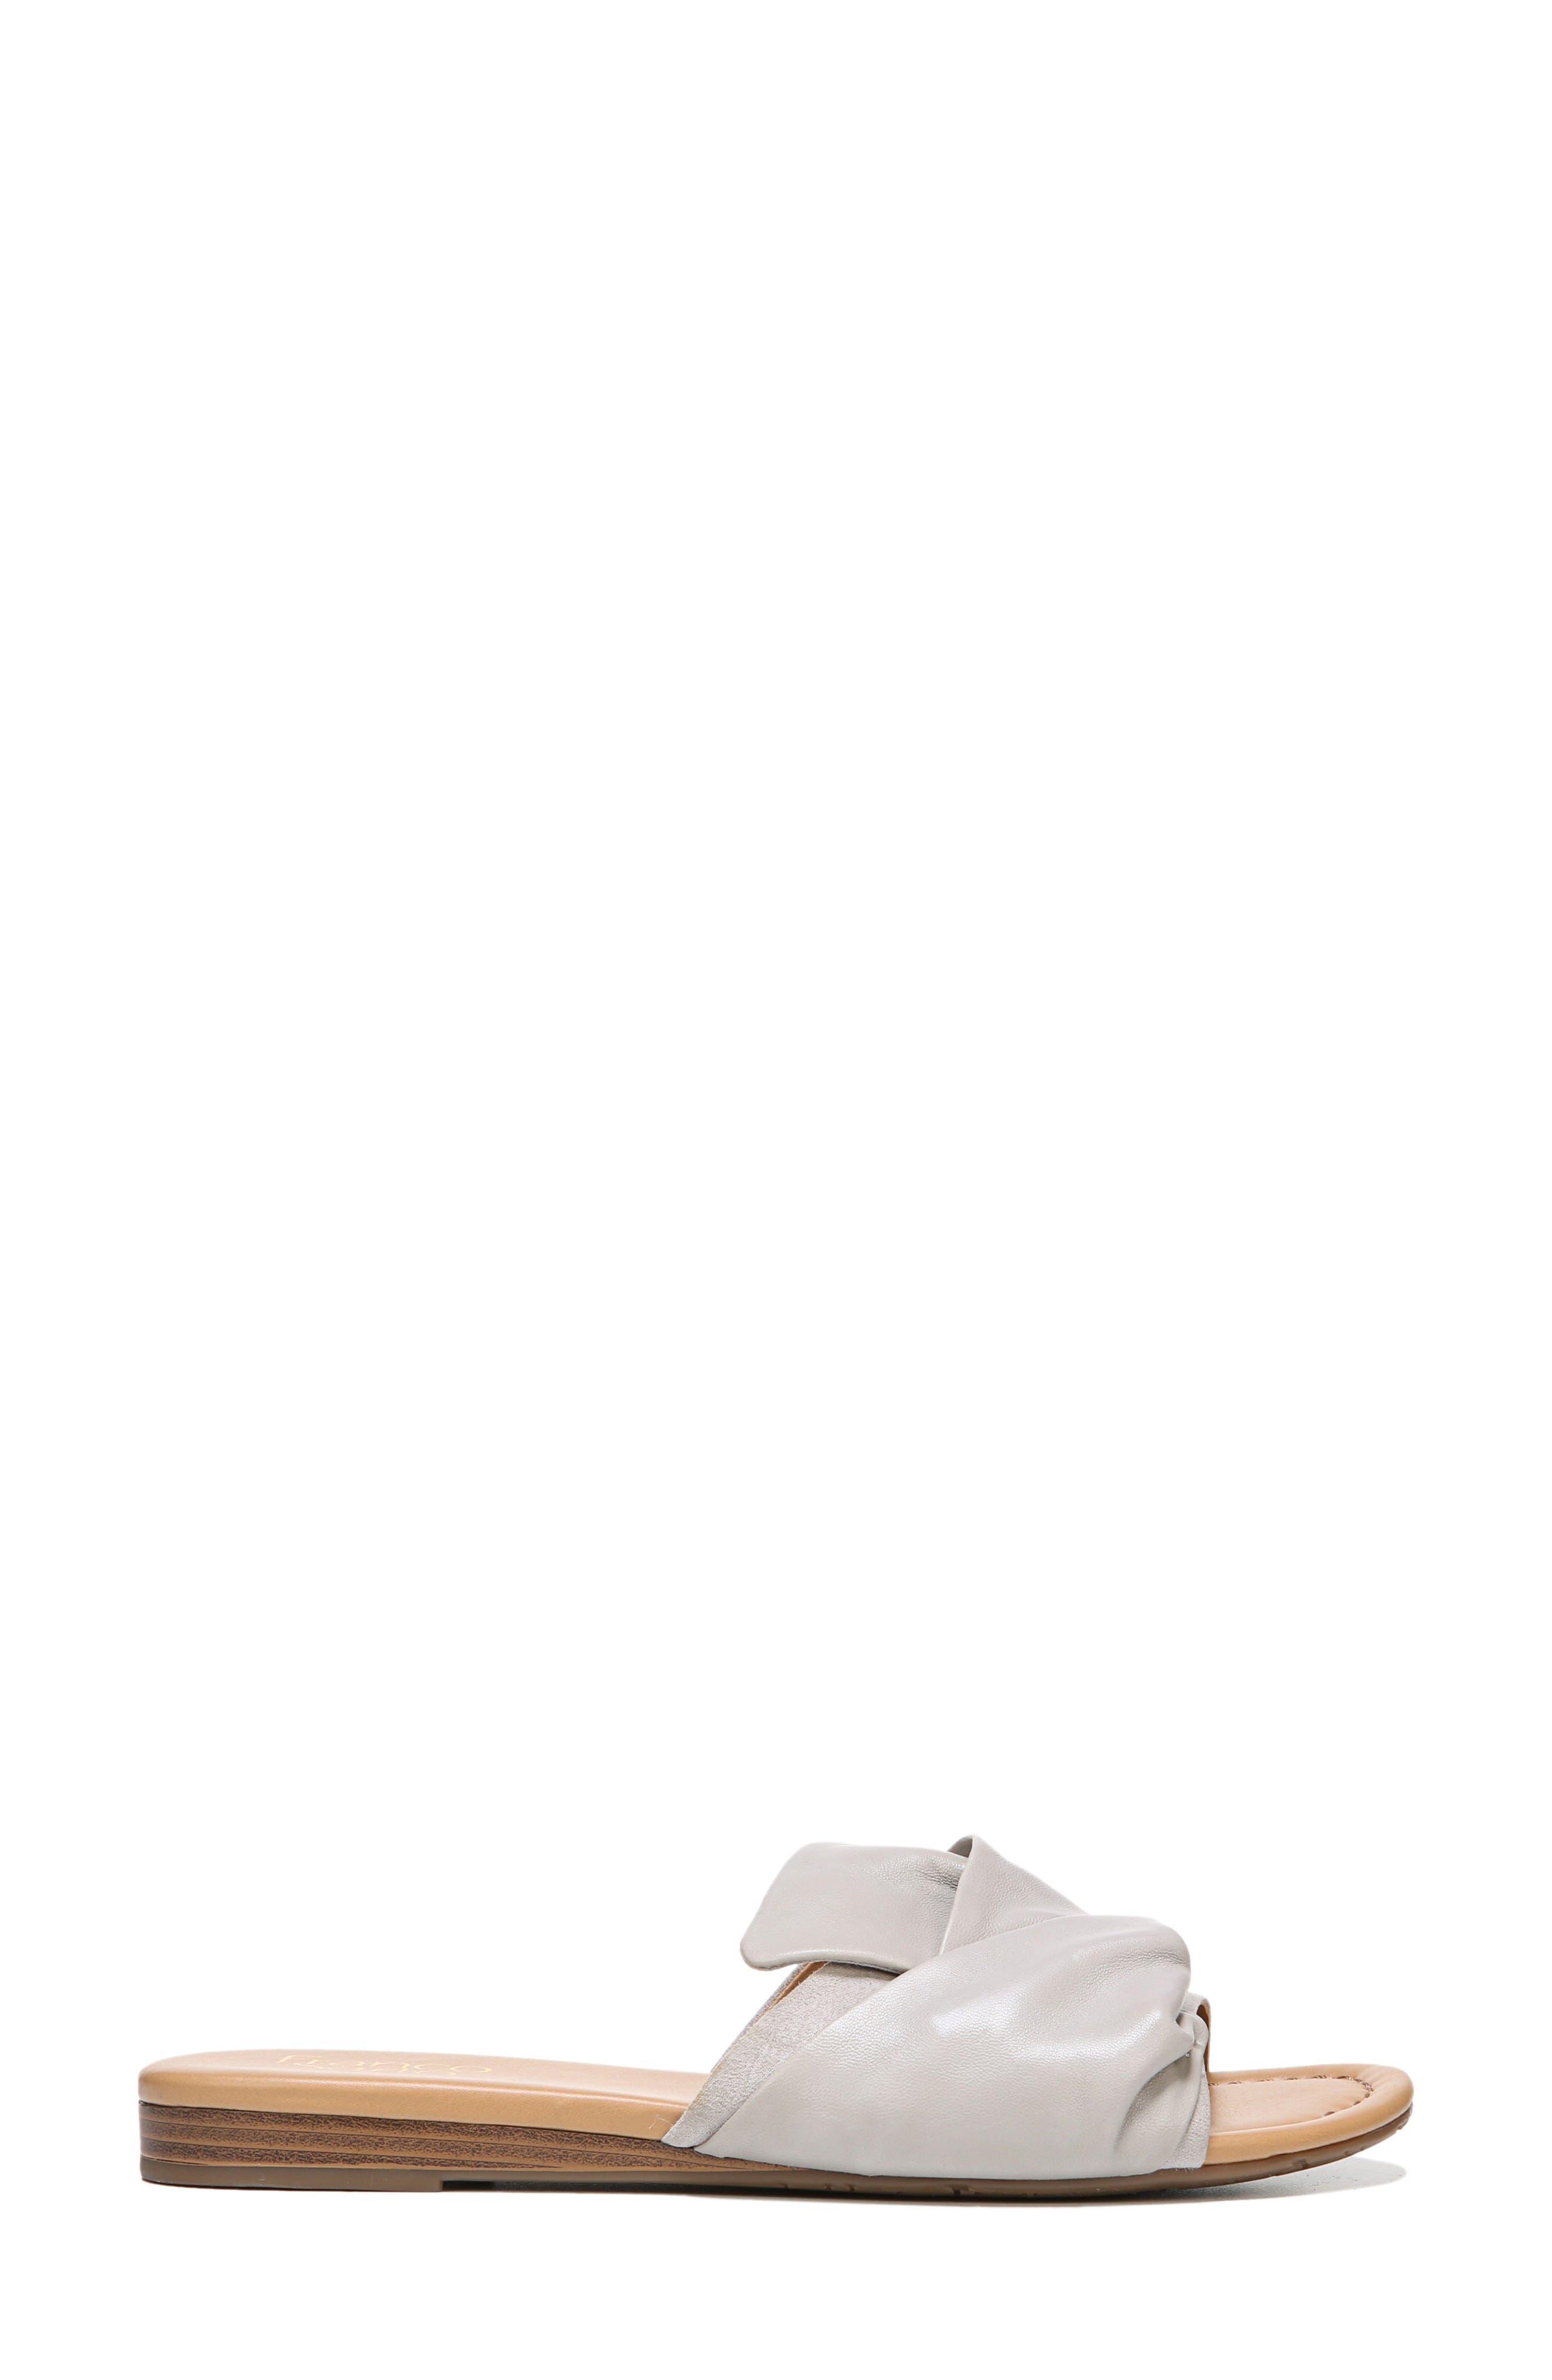 Gracelyn Slide Sandal,                             Alternate thumbnail 3, color,                             020